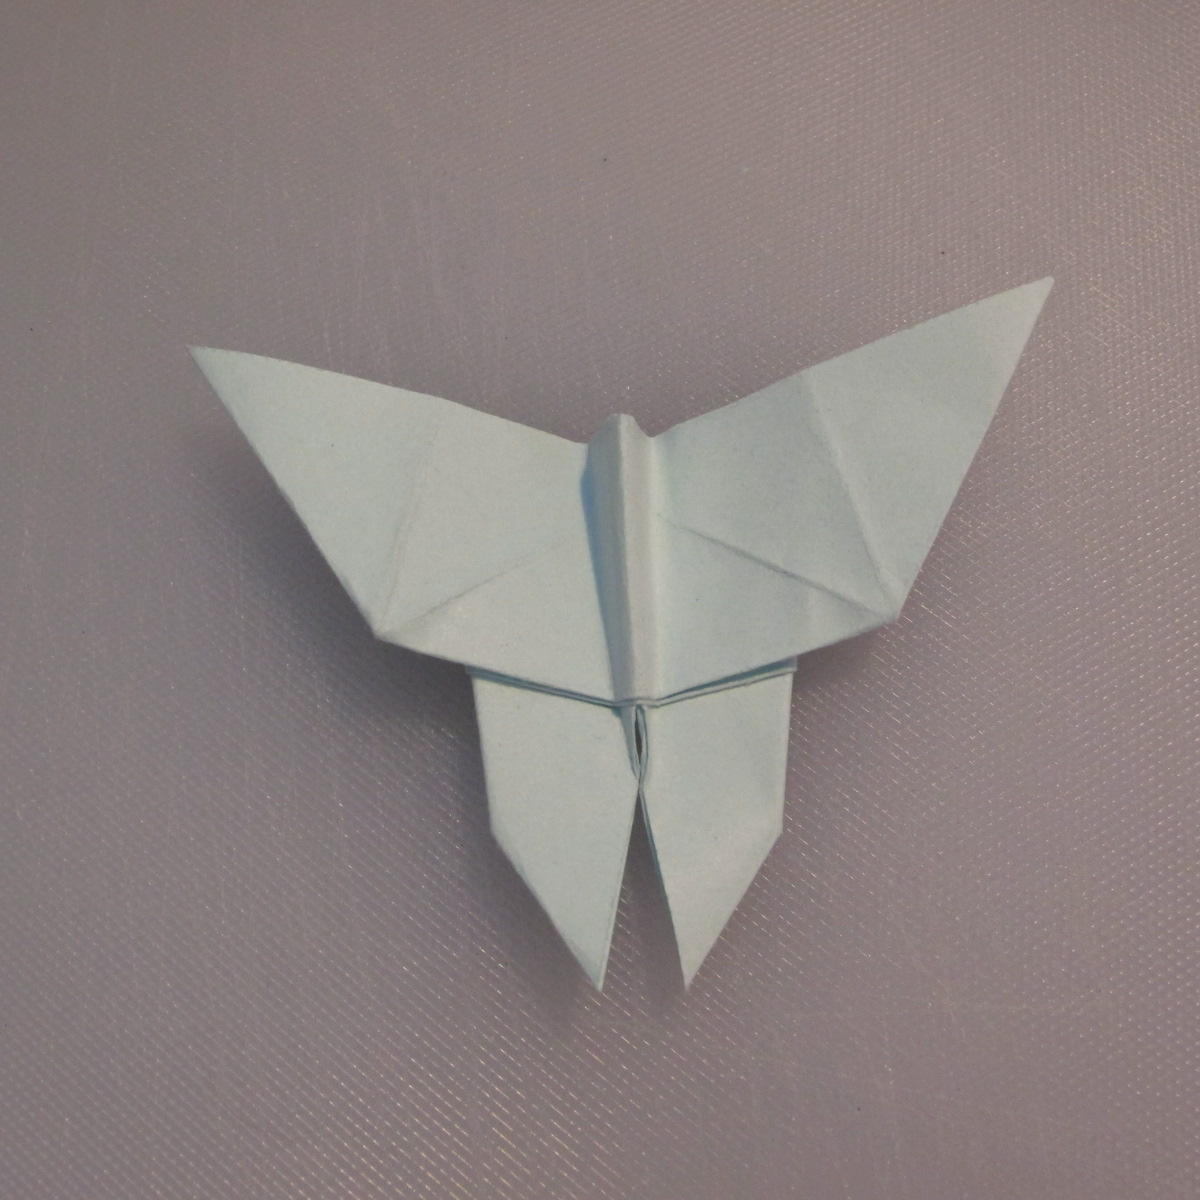 วิธีพับกระดาษเป็นรูปผีเสื้อ 019